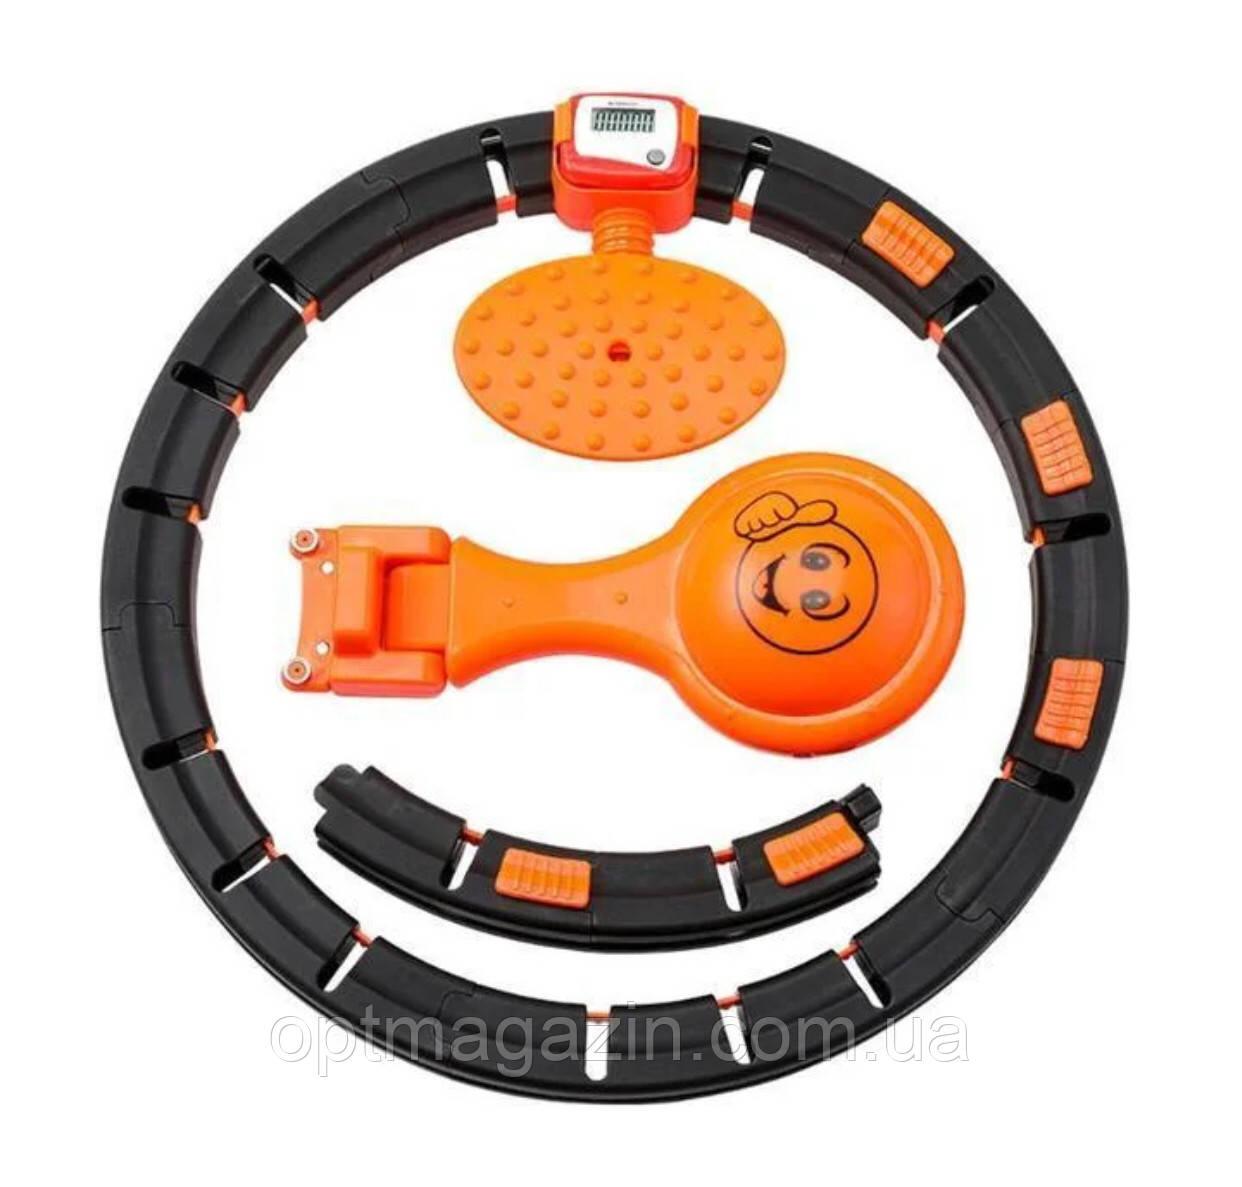 Обруч HULA Hoop LED (W76) / ХулаХуп / обруч для похудения